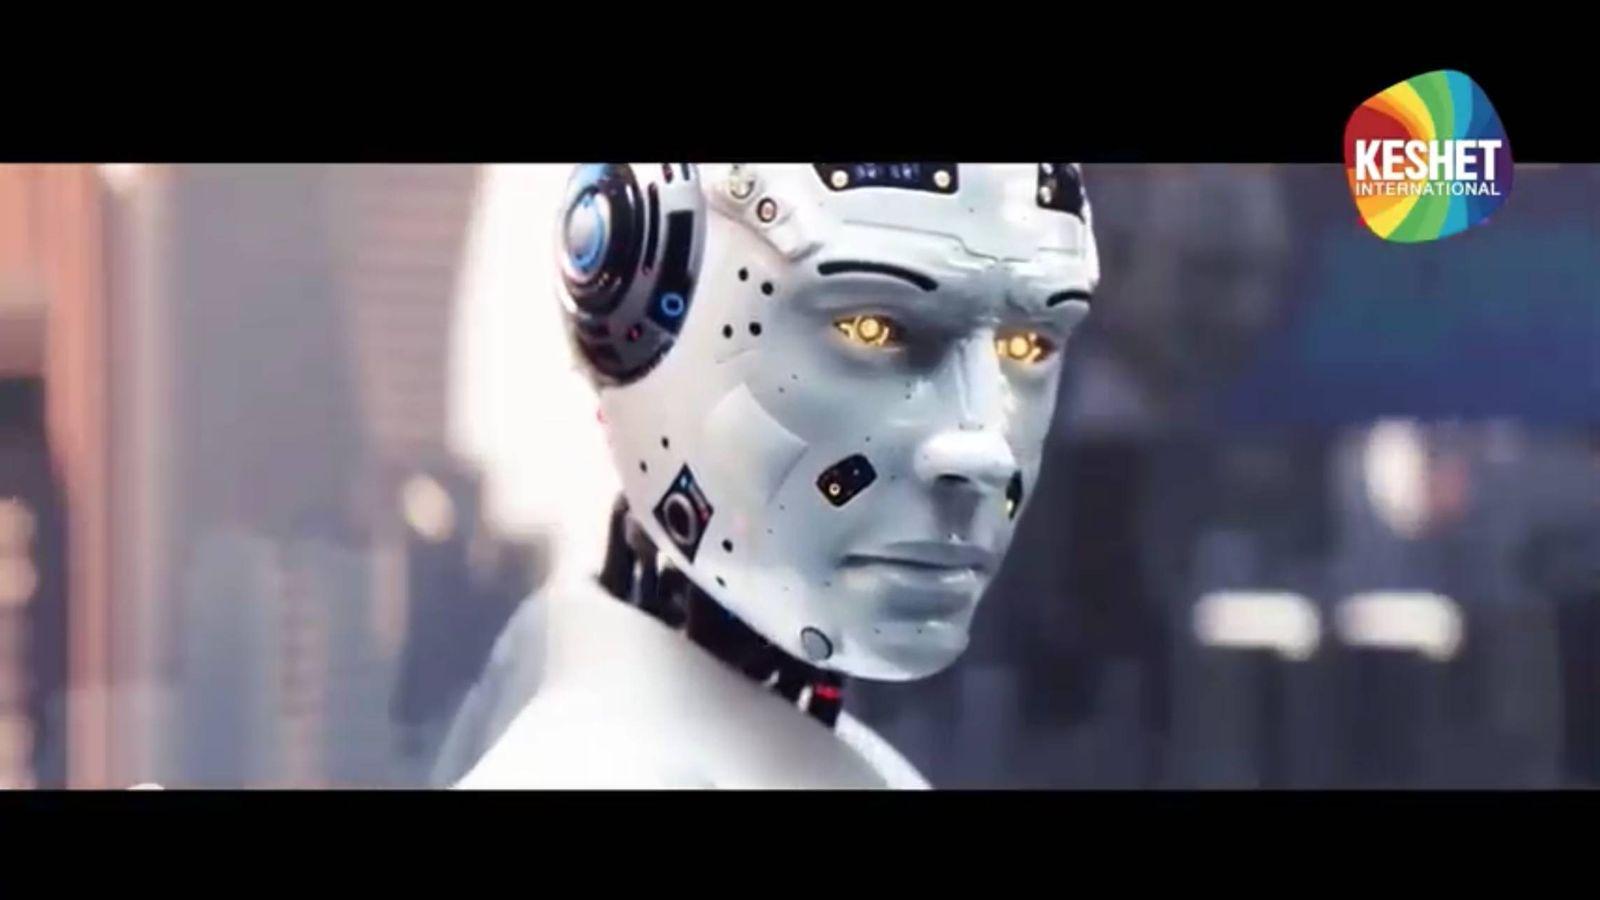 Foto: Imagen de la promo de '2025'. (Keshet)